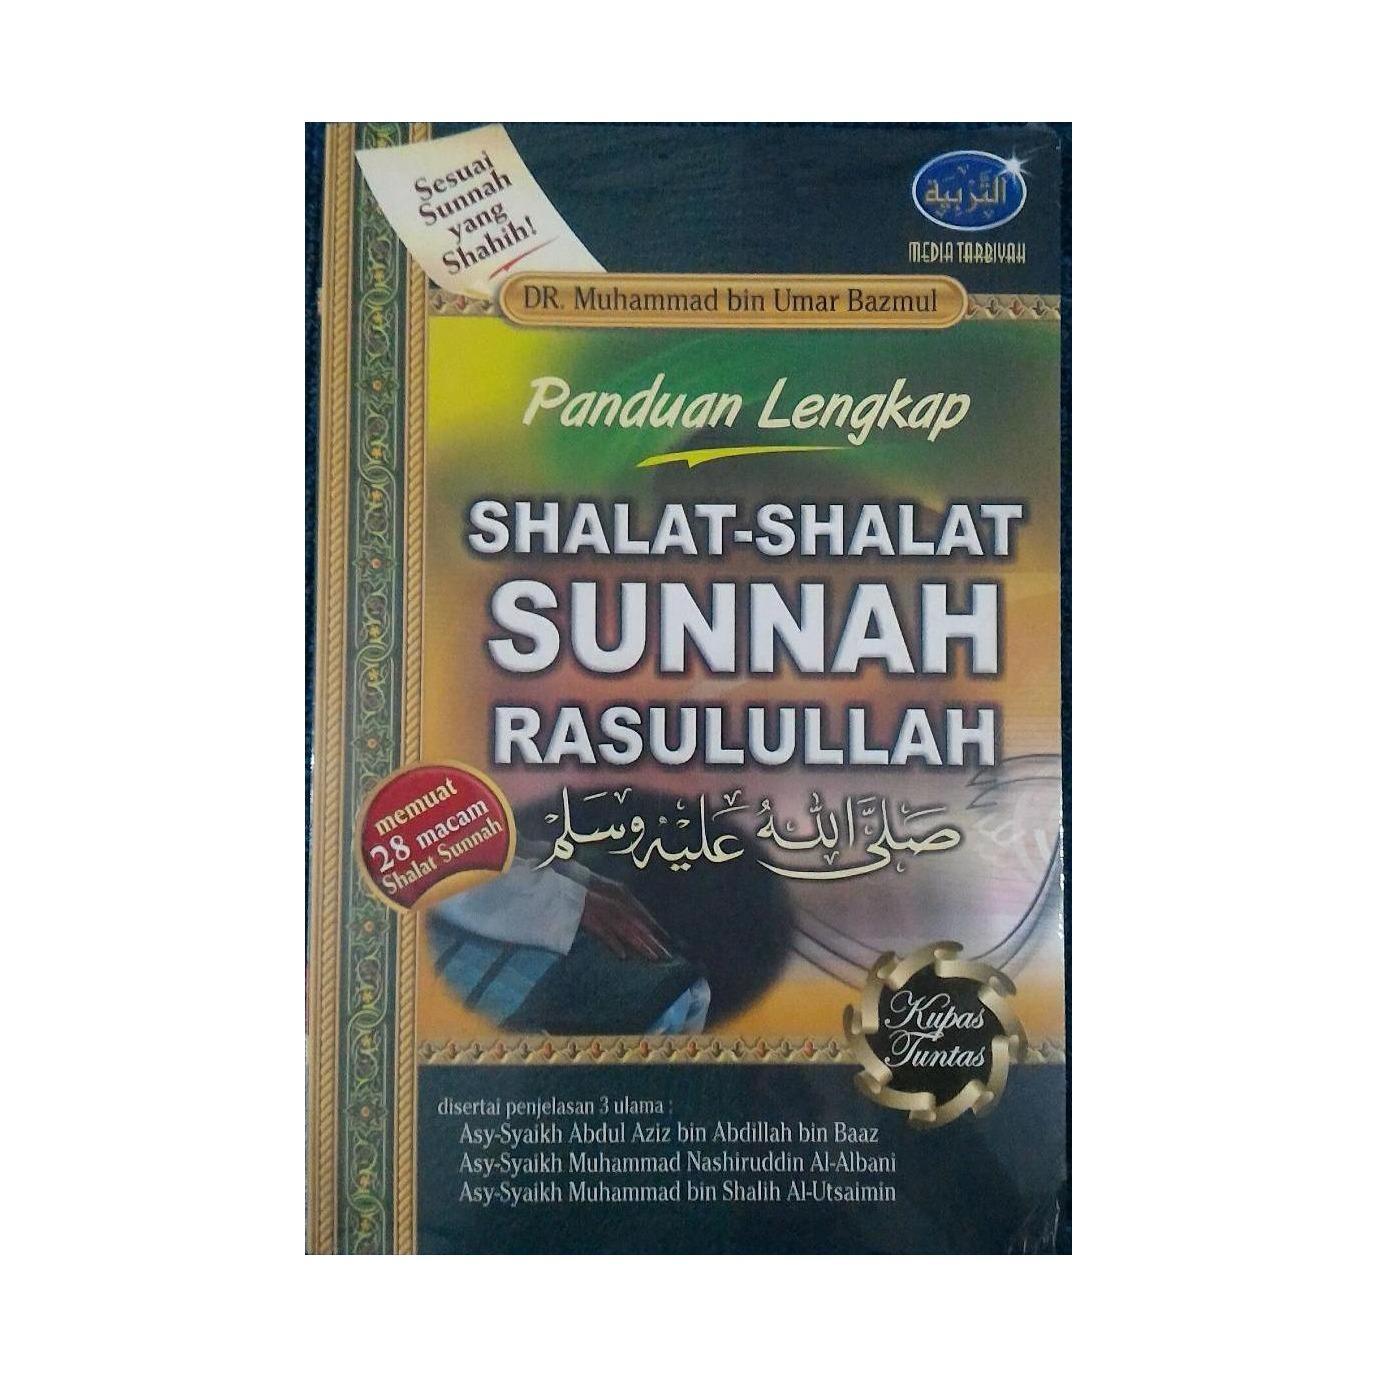 Panduan Lengkap Shalat-Shalat Sunnah Rasulullah